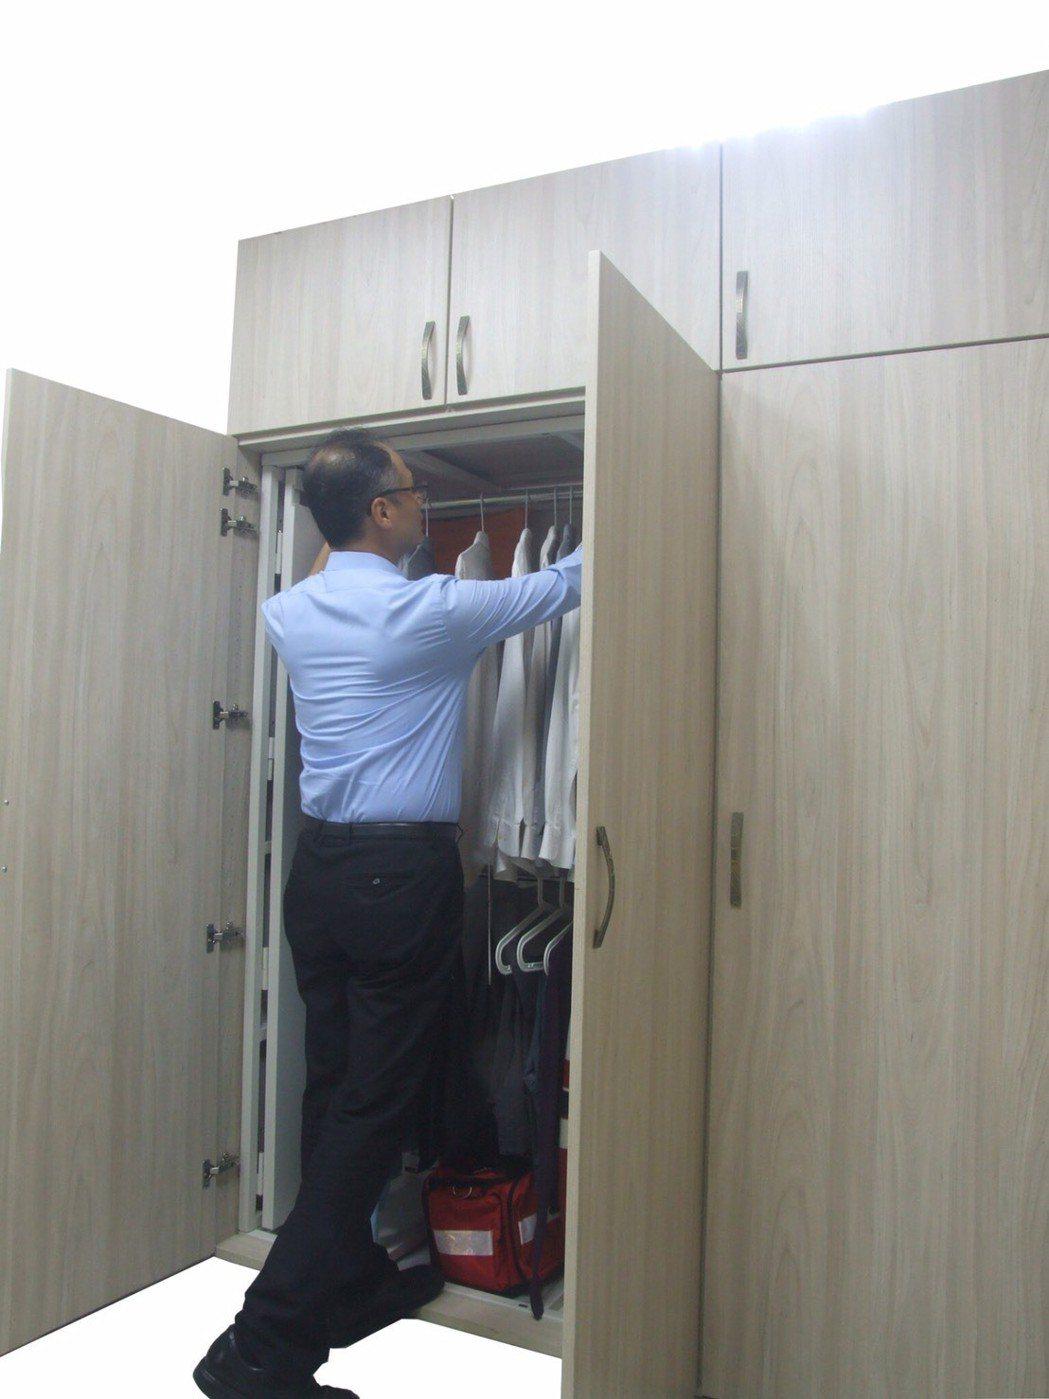 地震避難安全櫃,移出櫃內衣服。 立駪科技/提供